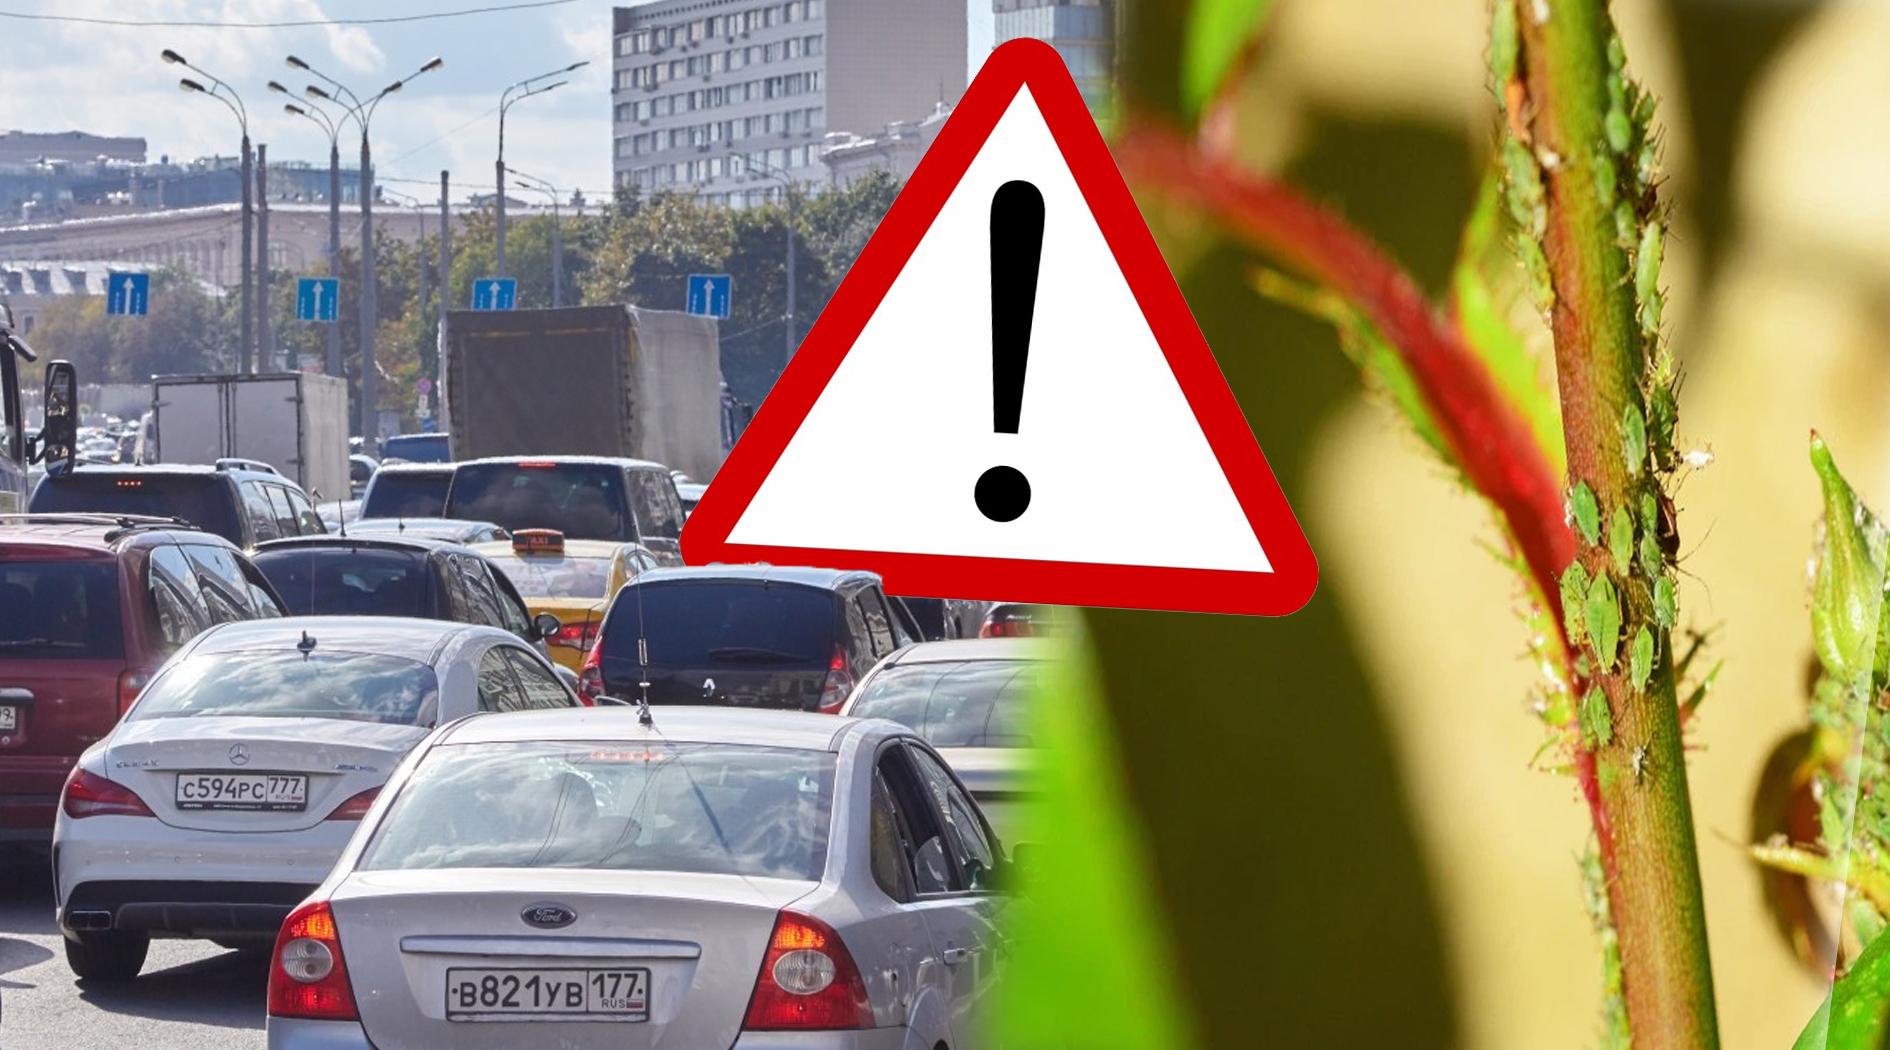 Как обычное насекомое может испортить лакокрасочное покрытие вашего автомобиля, что принесет вам убытки на десятки тысяч рублей